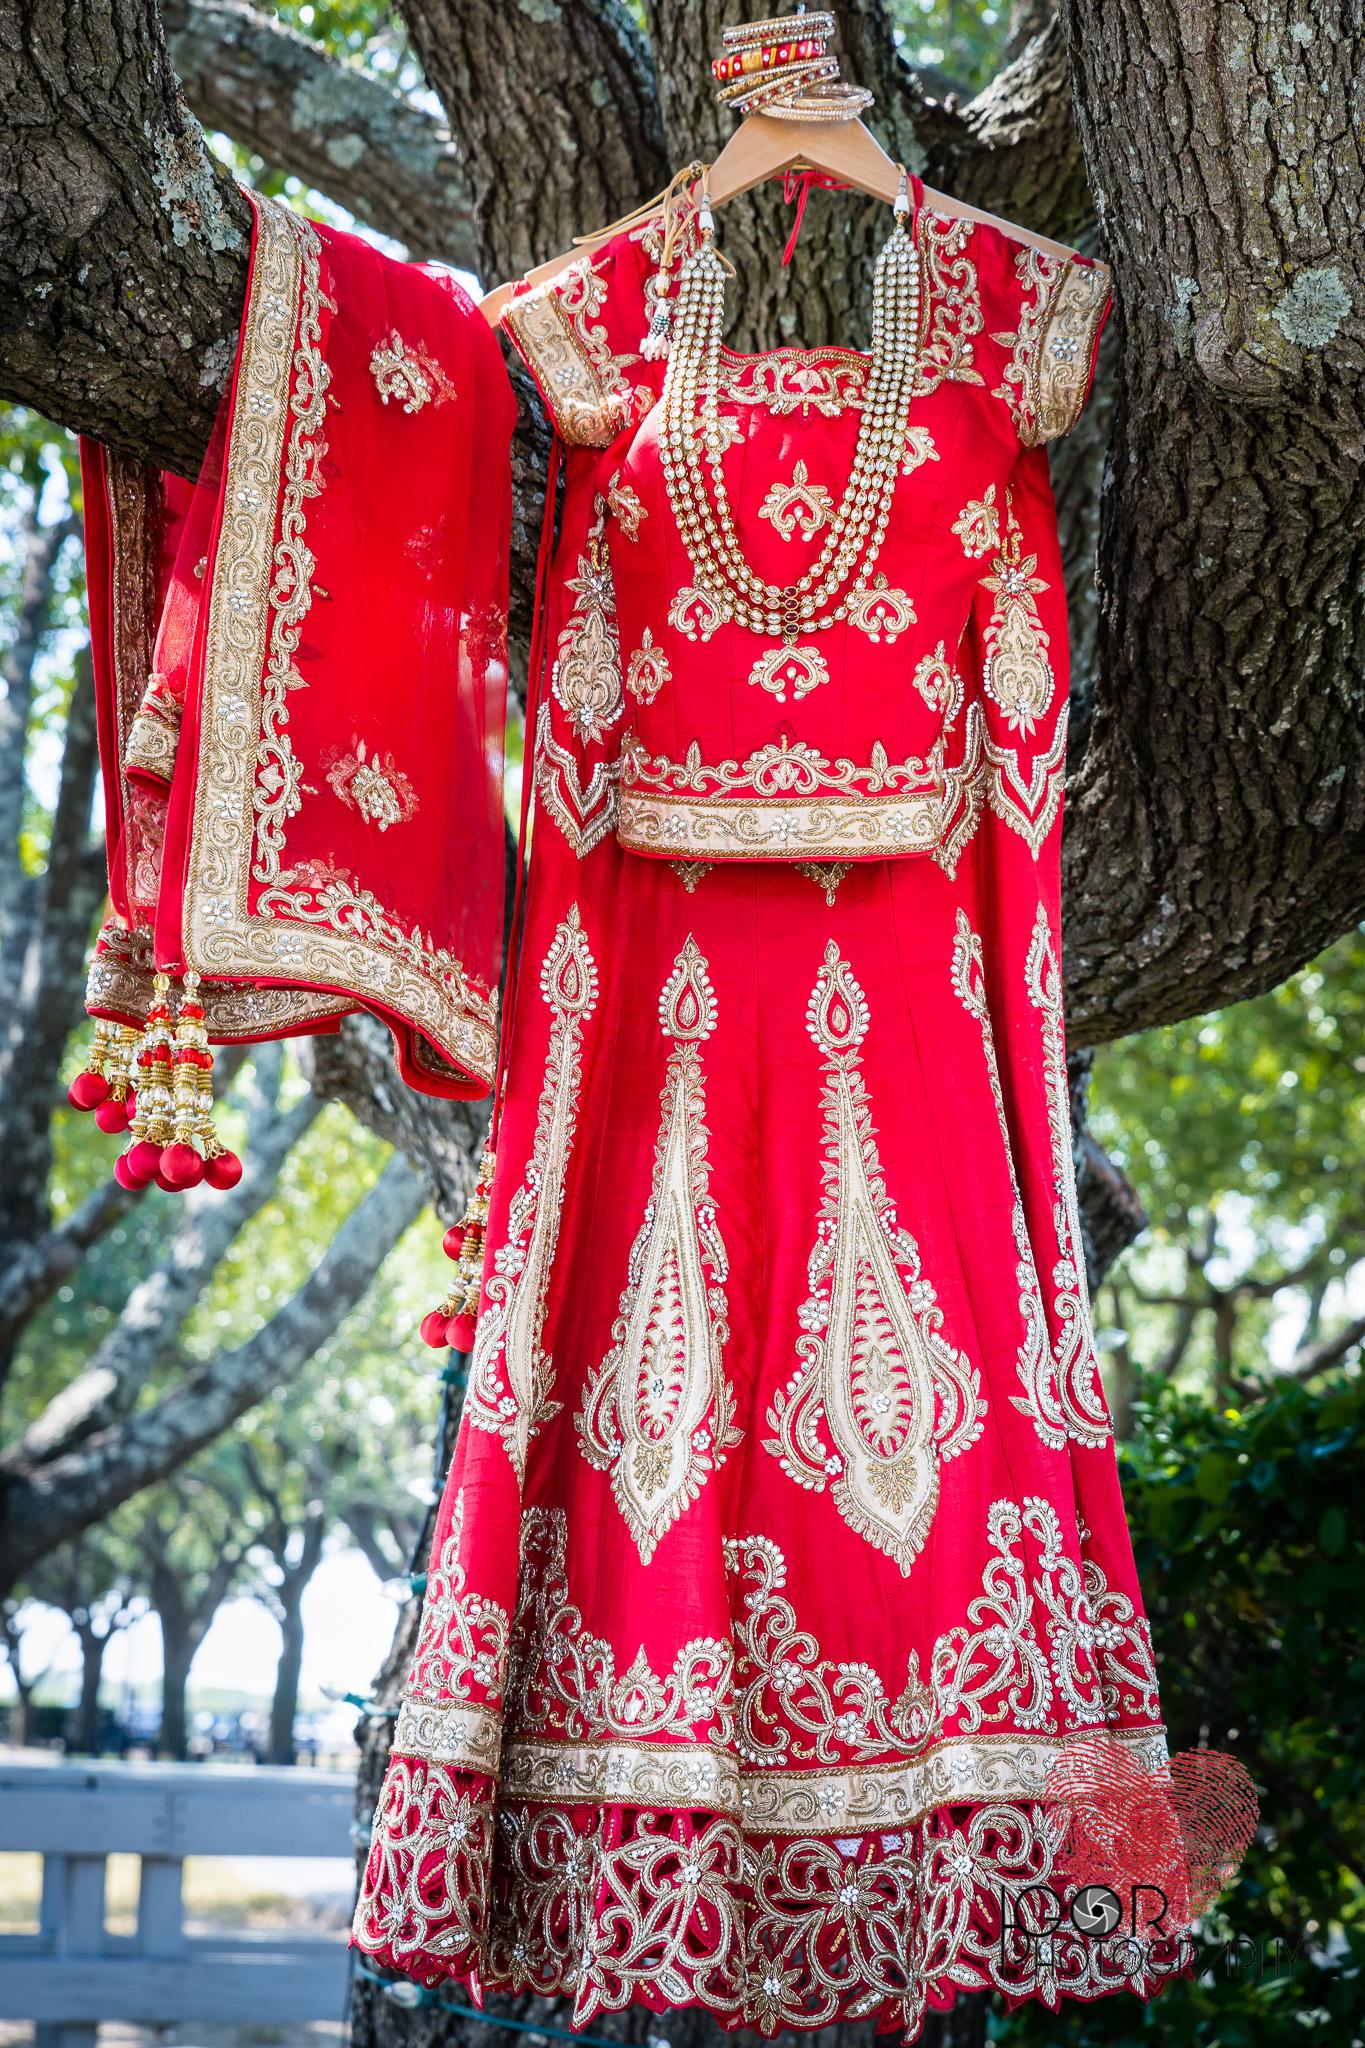 Dallas Indian wedding dress